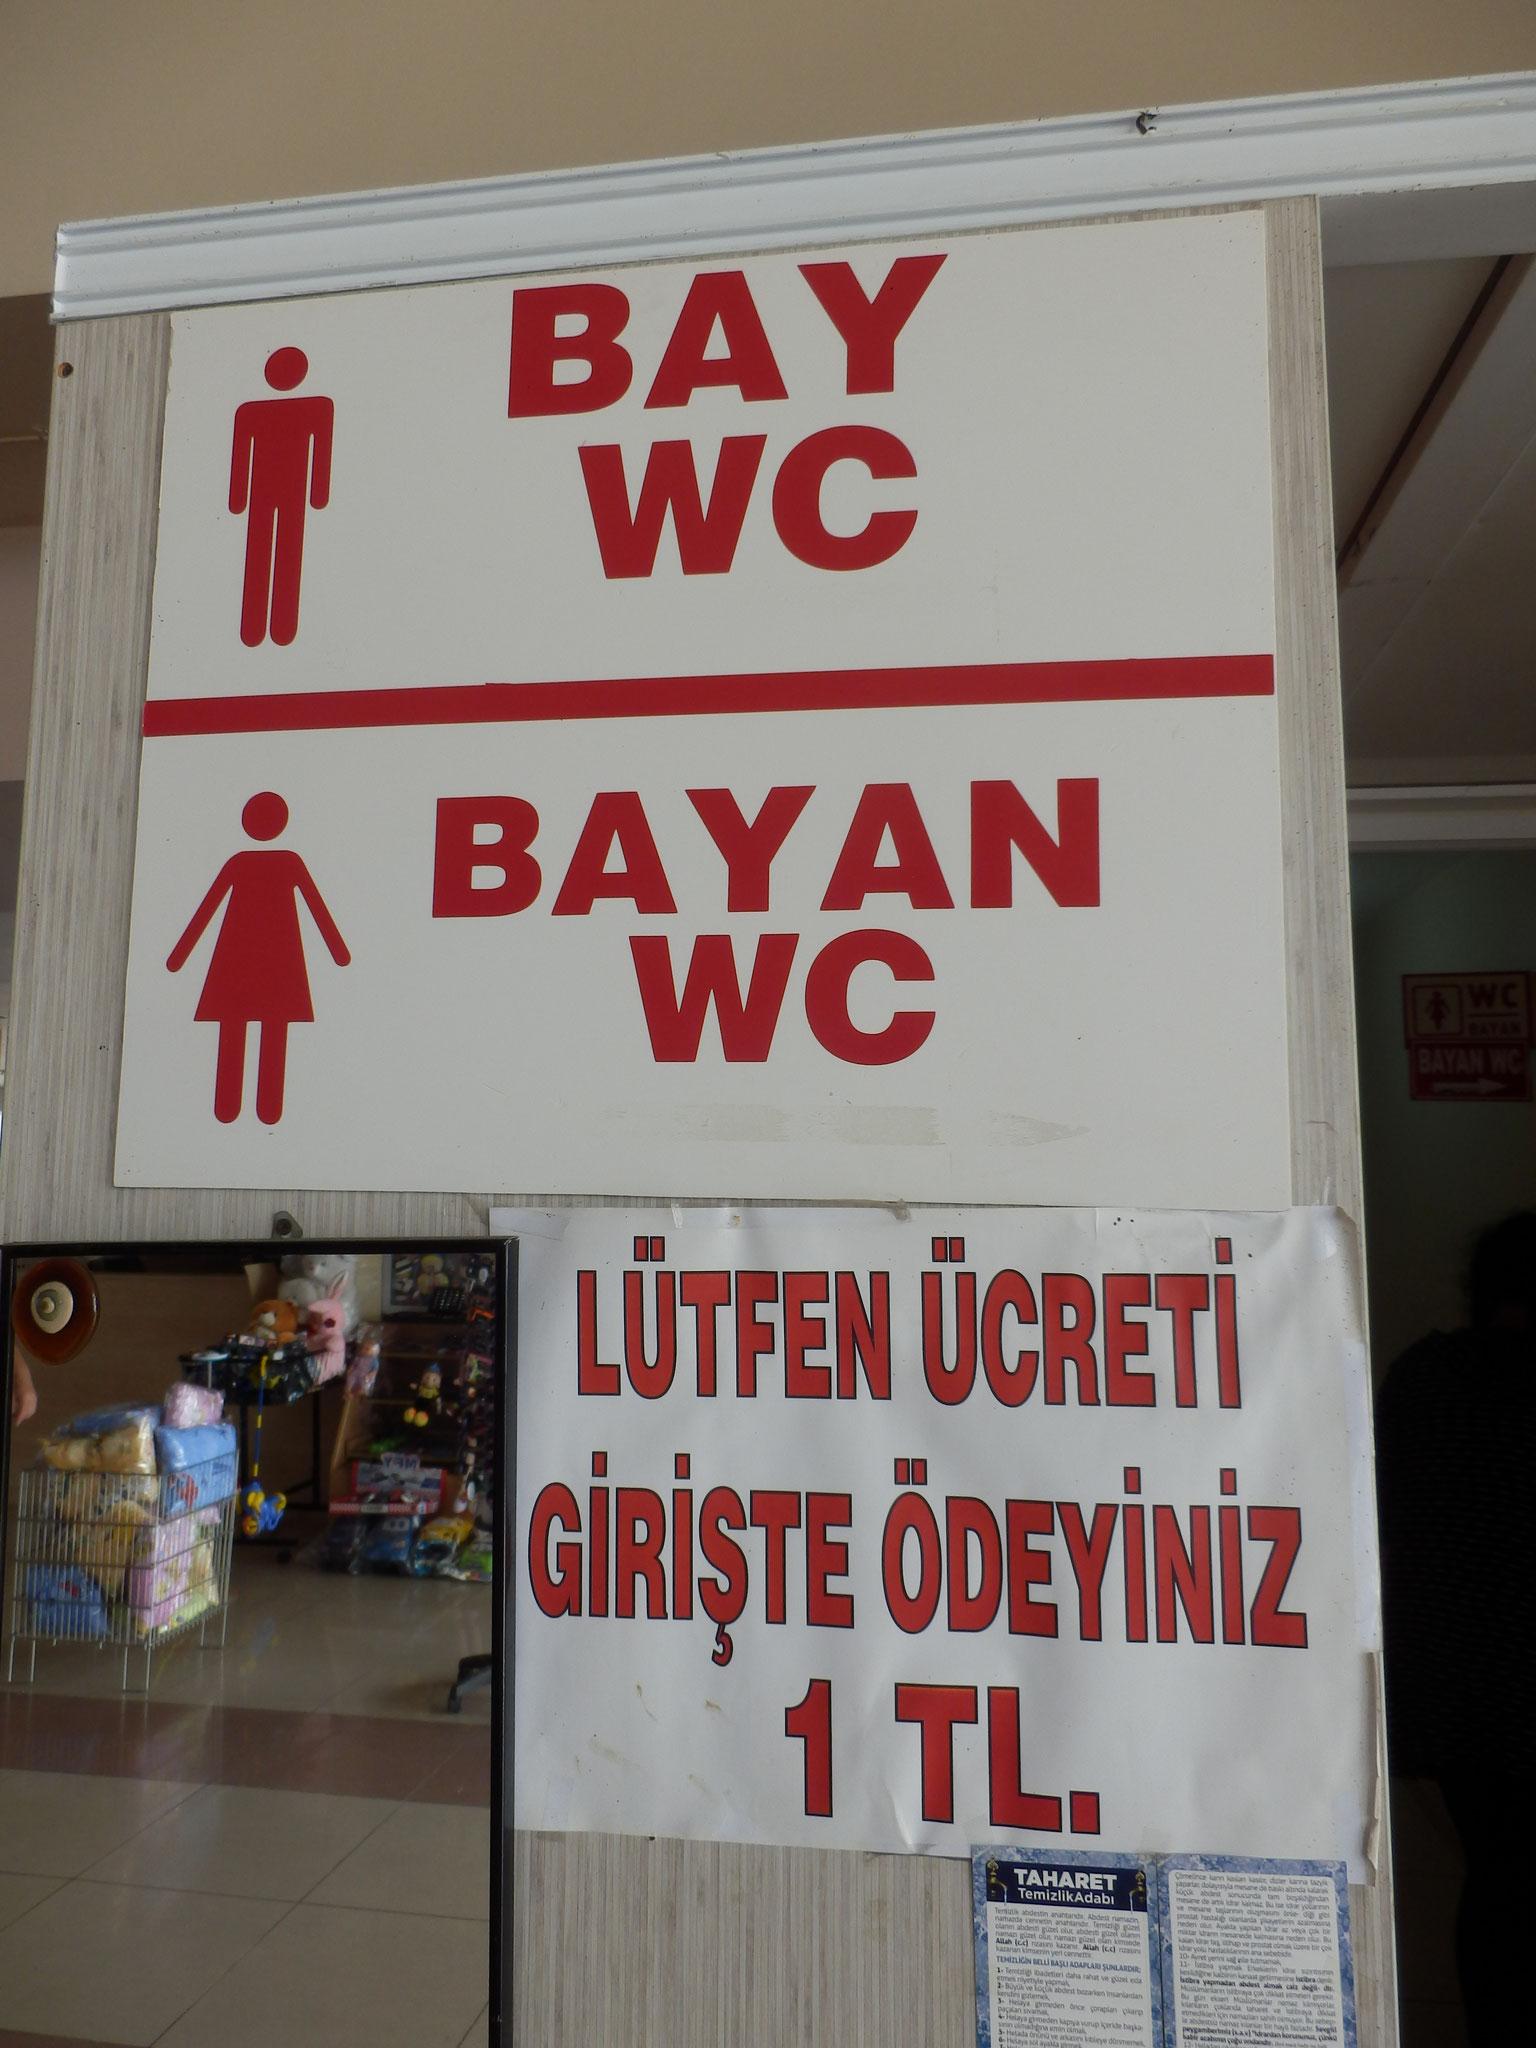 男性トイレ 女性トイレ 料金前払い制1リラ